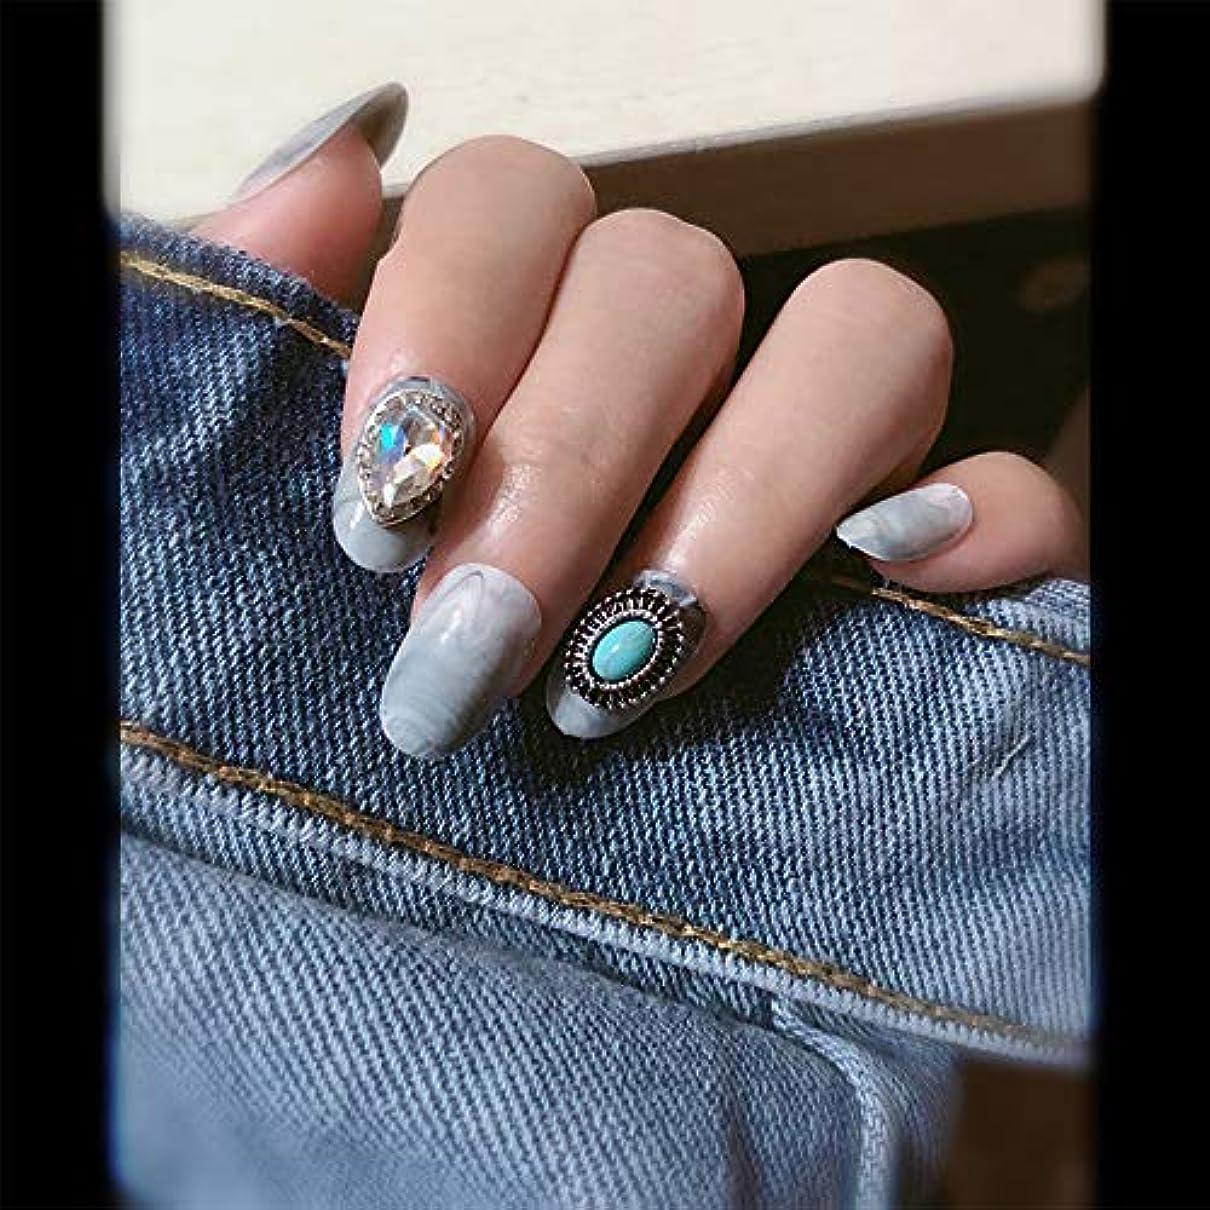 スティーブンソン適格こどもの宮殿XUTXZKA 偽の爪を持つ丸い大理石のパターン女性の完全な爪のヒント花嫁の偽の爪